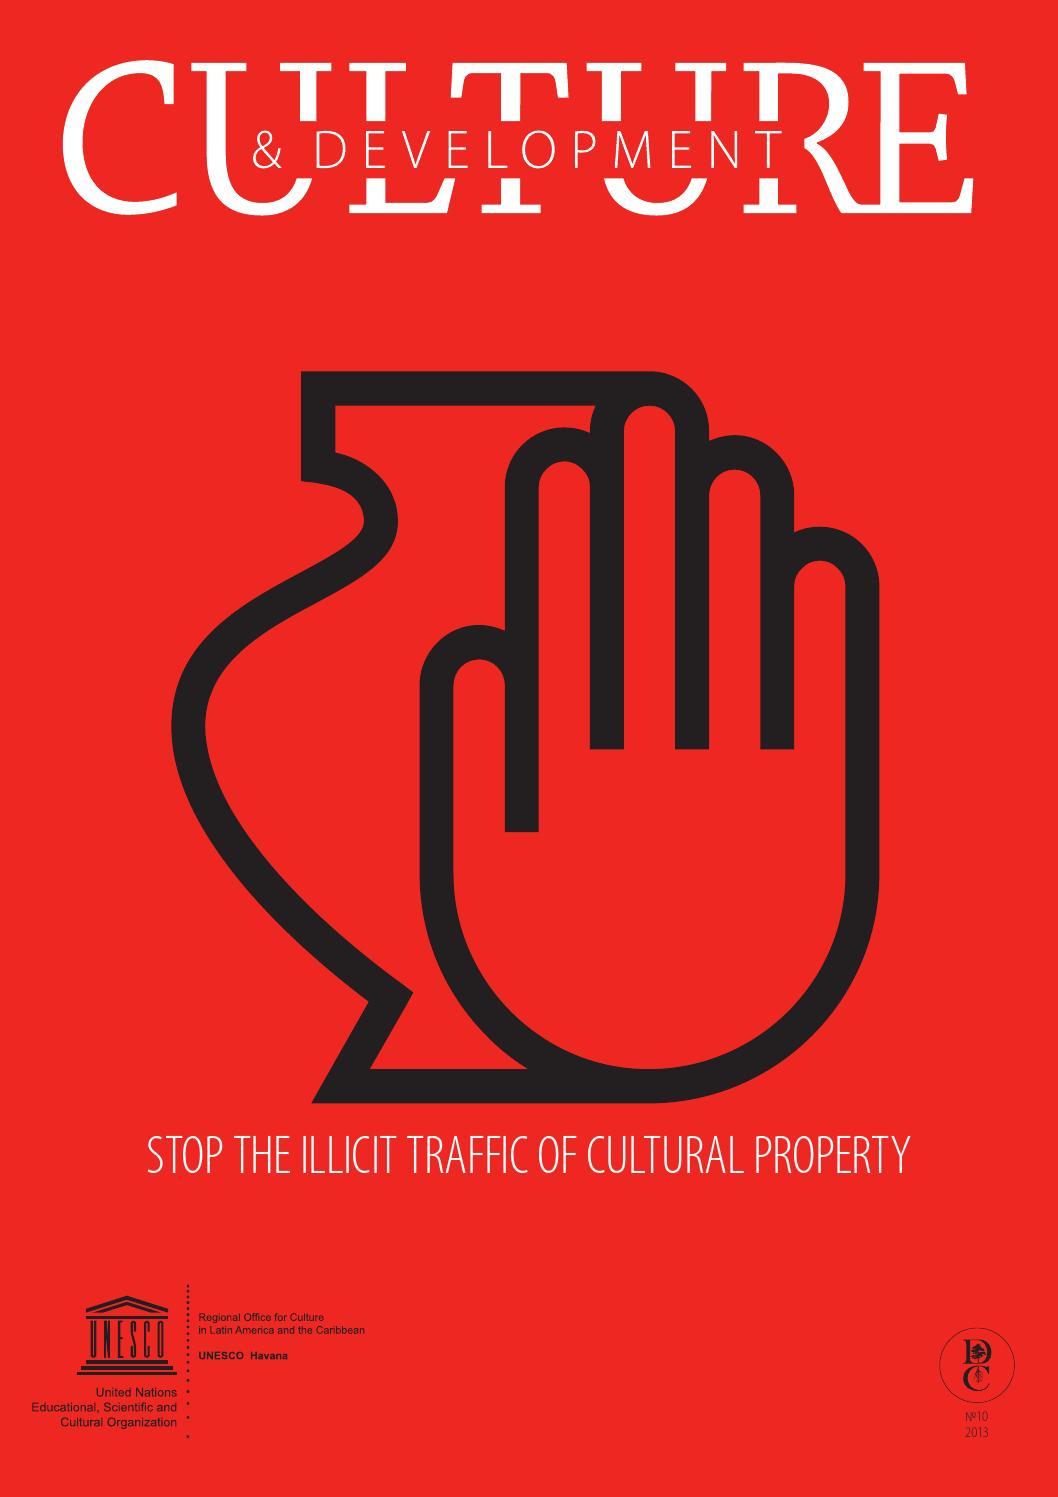 www.unesco.org